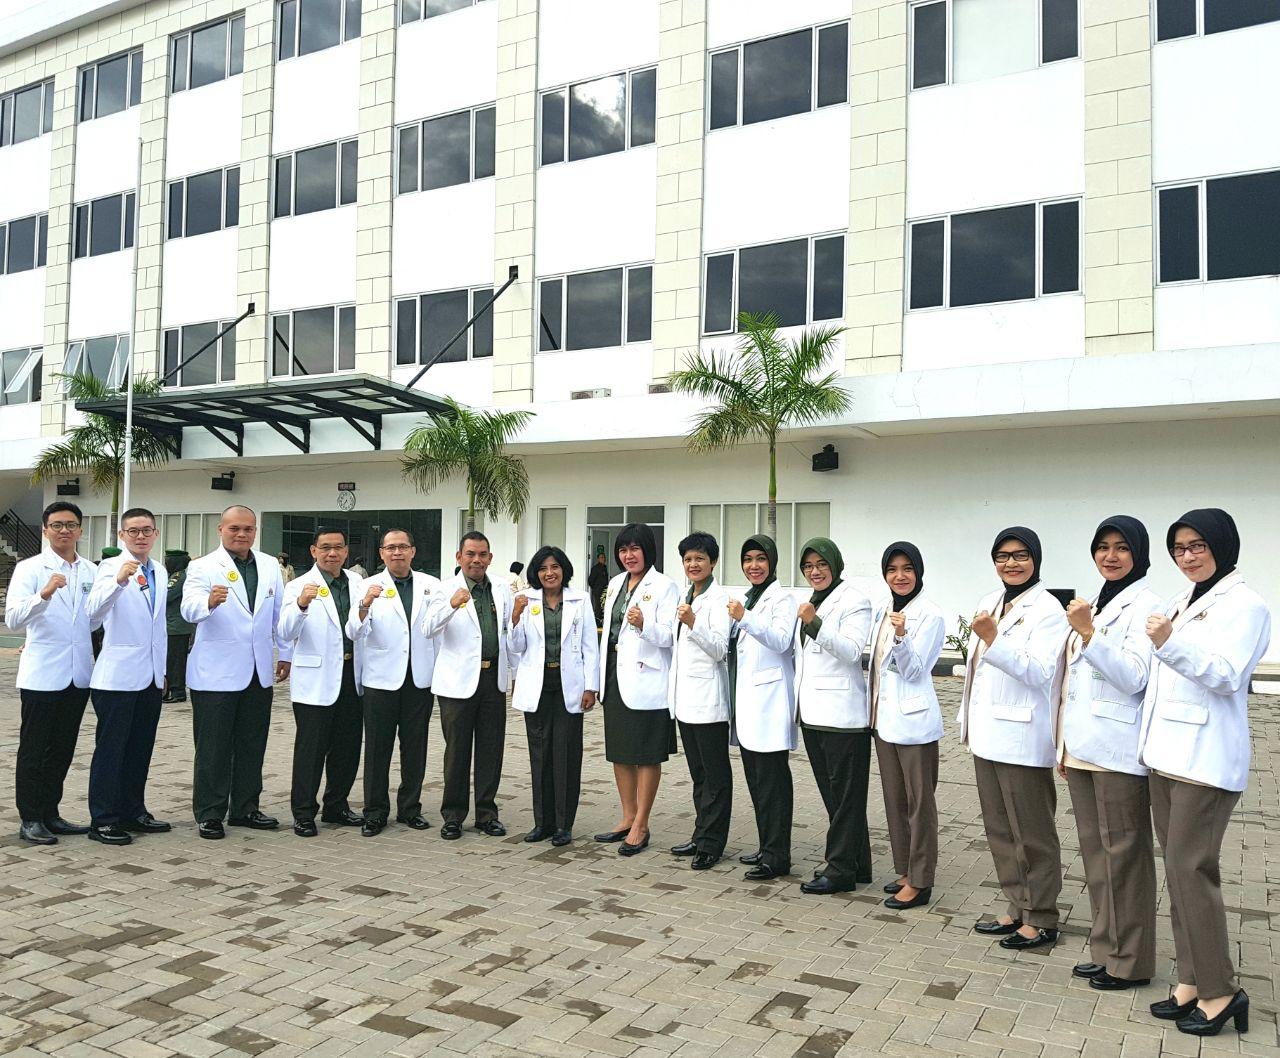 Para dokter dengan jas putih dan pin identitas